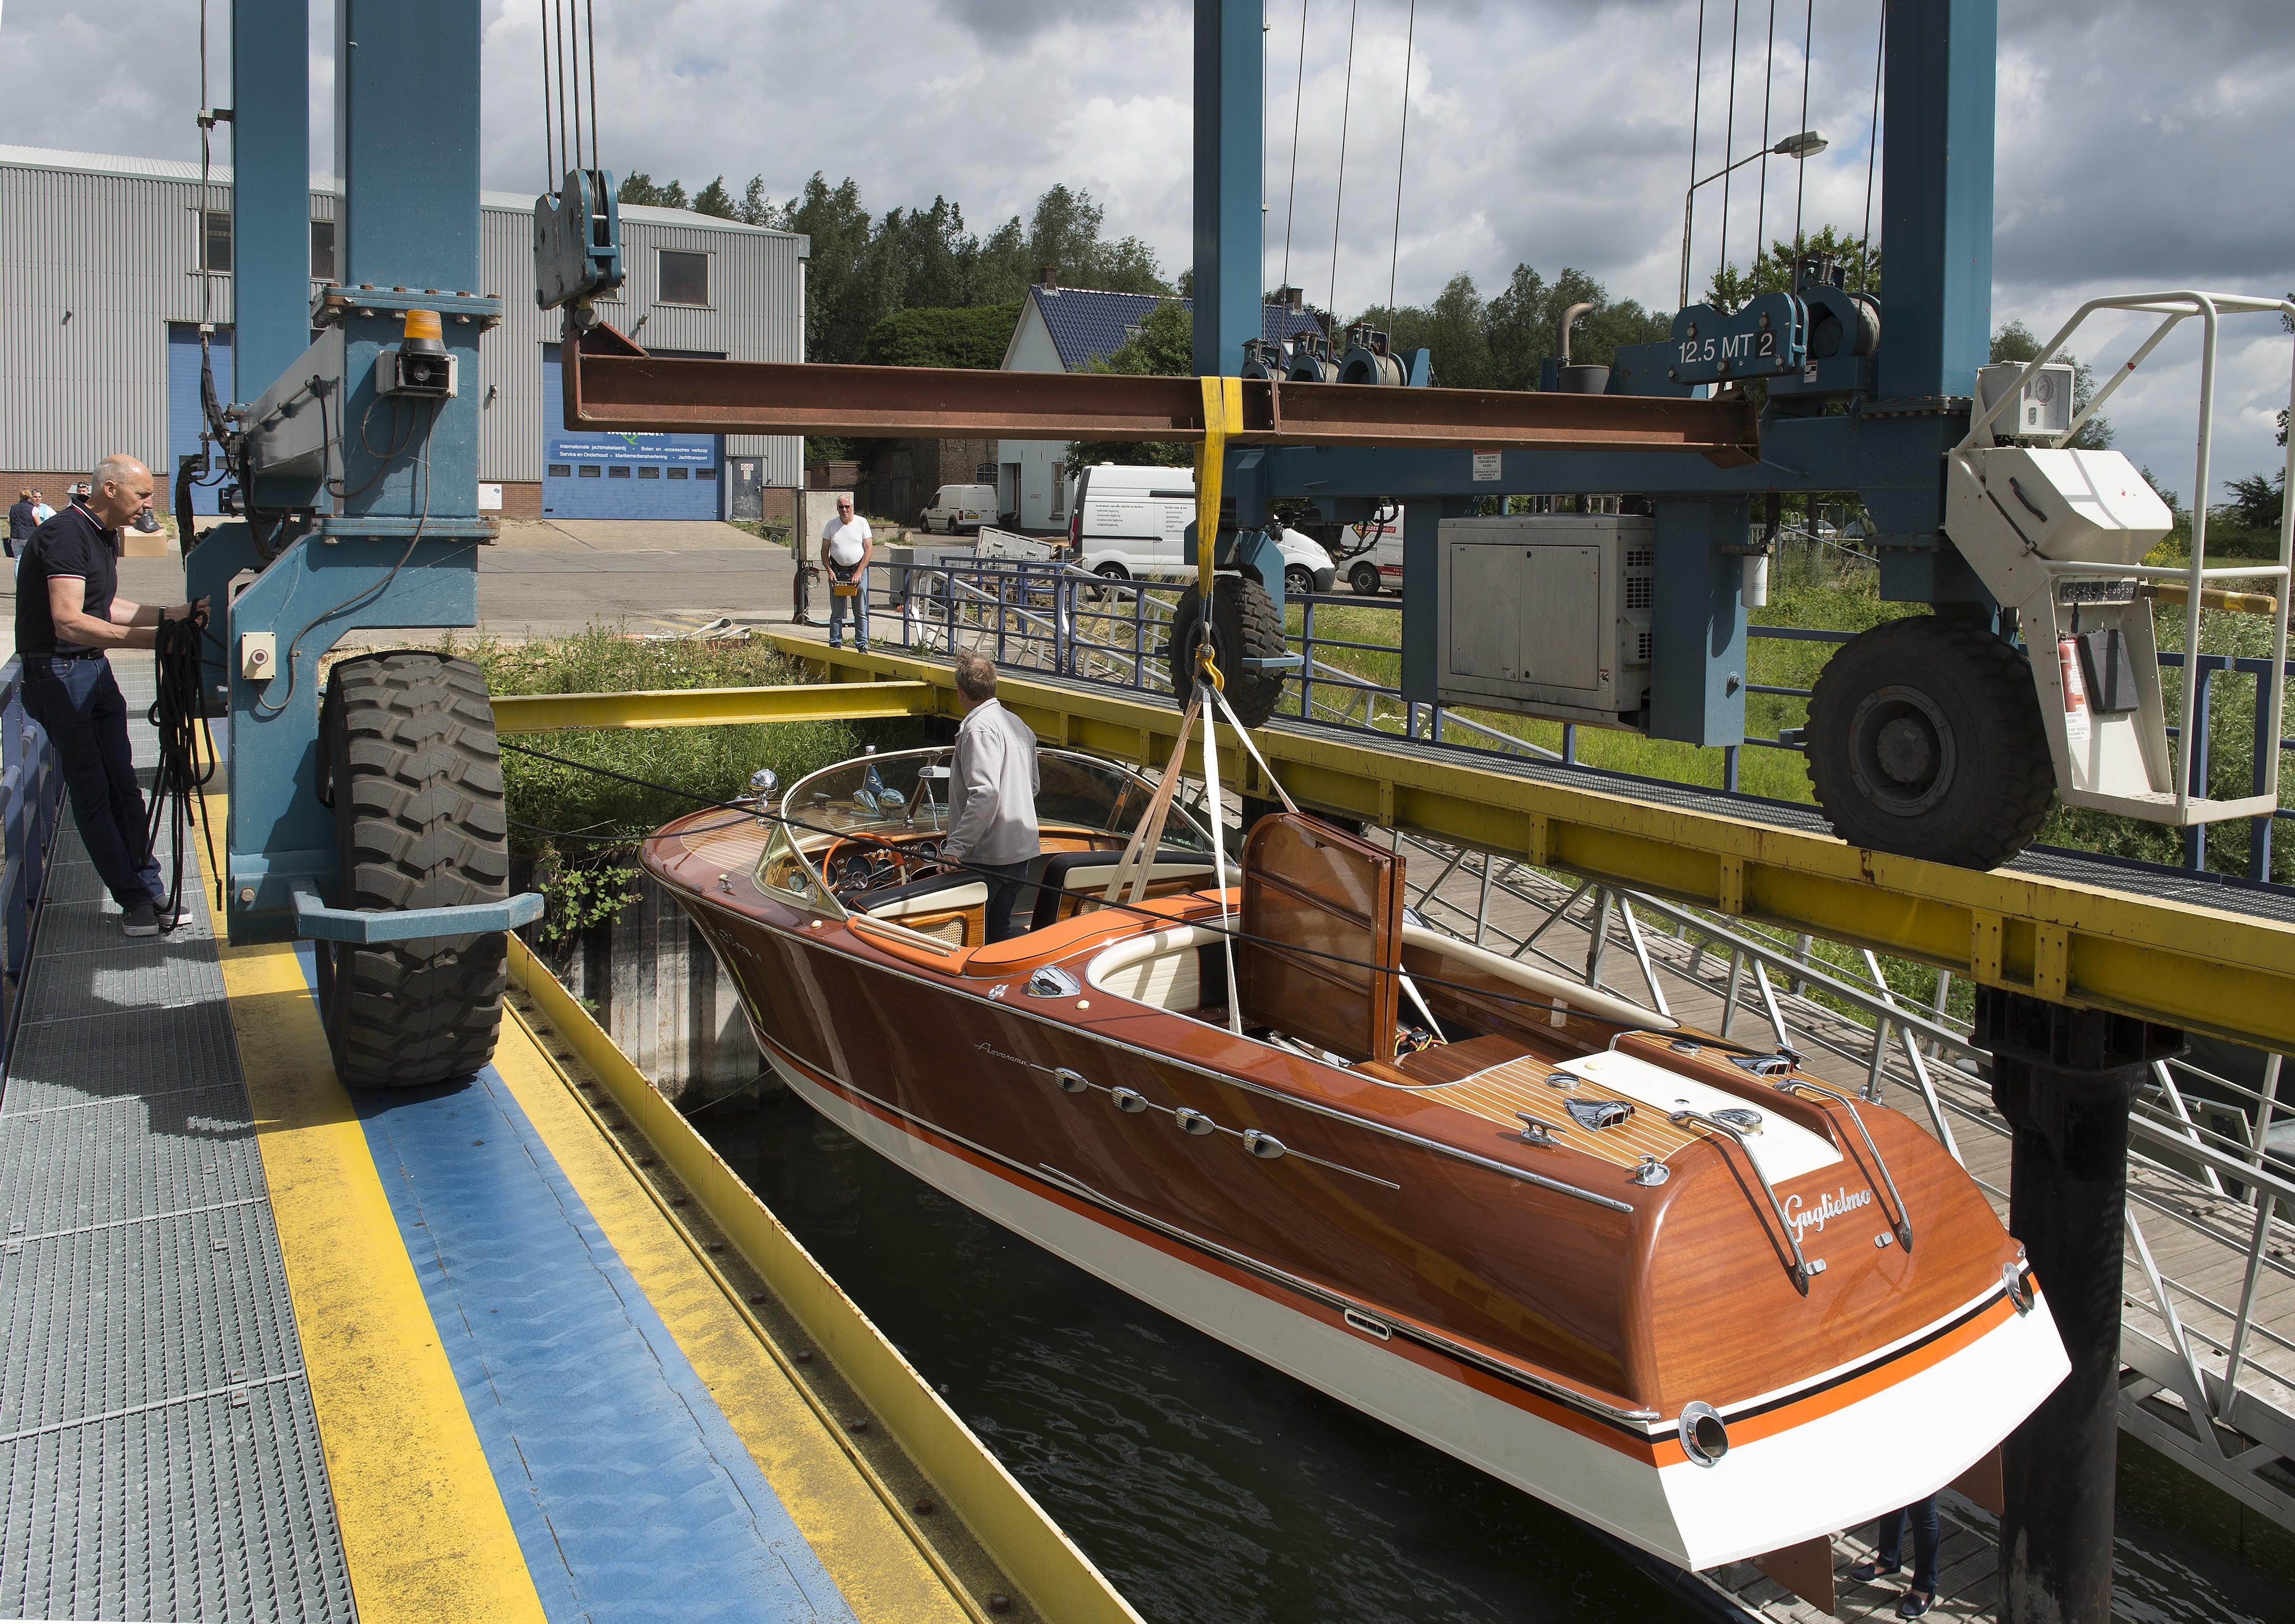 Riva motorboot wordt te water gelaten in Wijk bij Duurstede